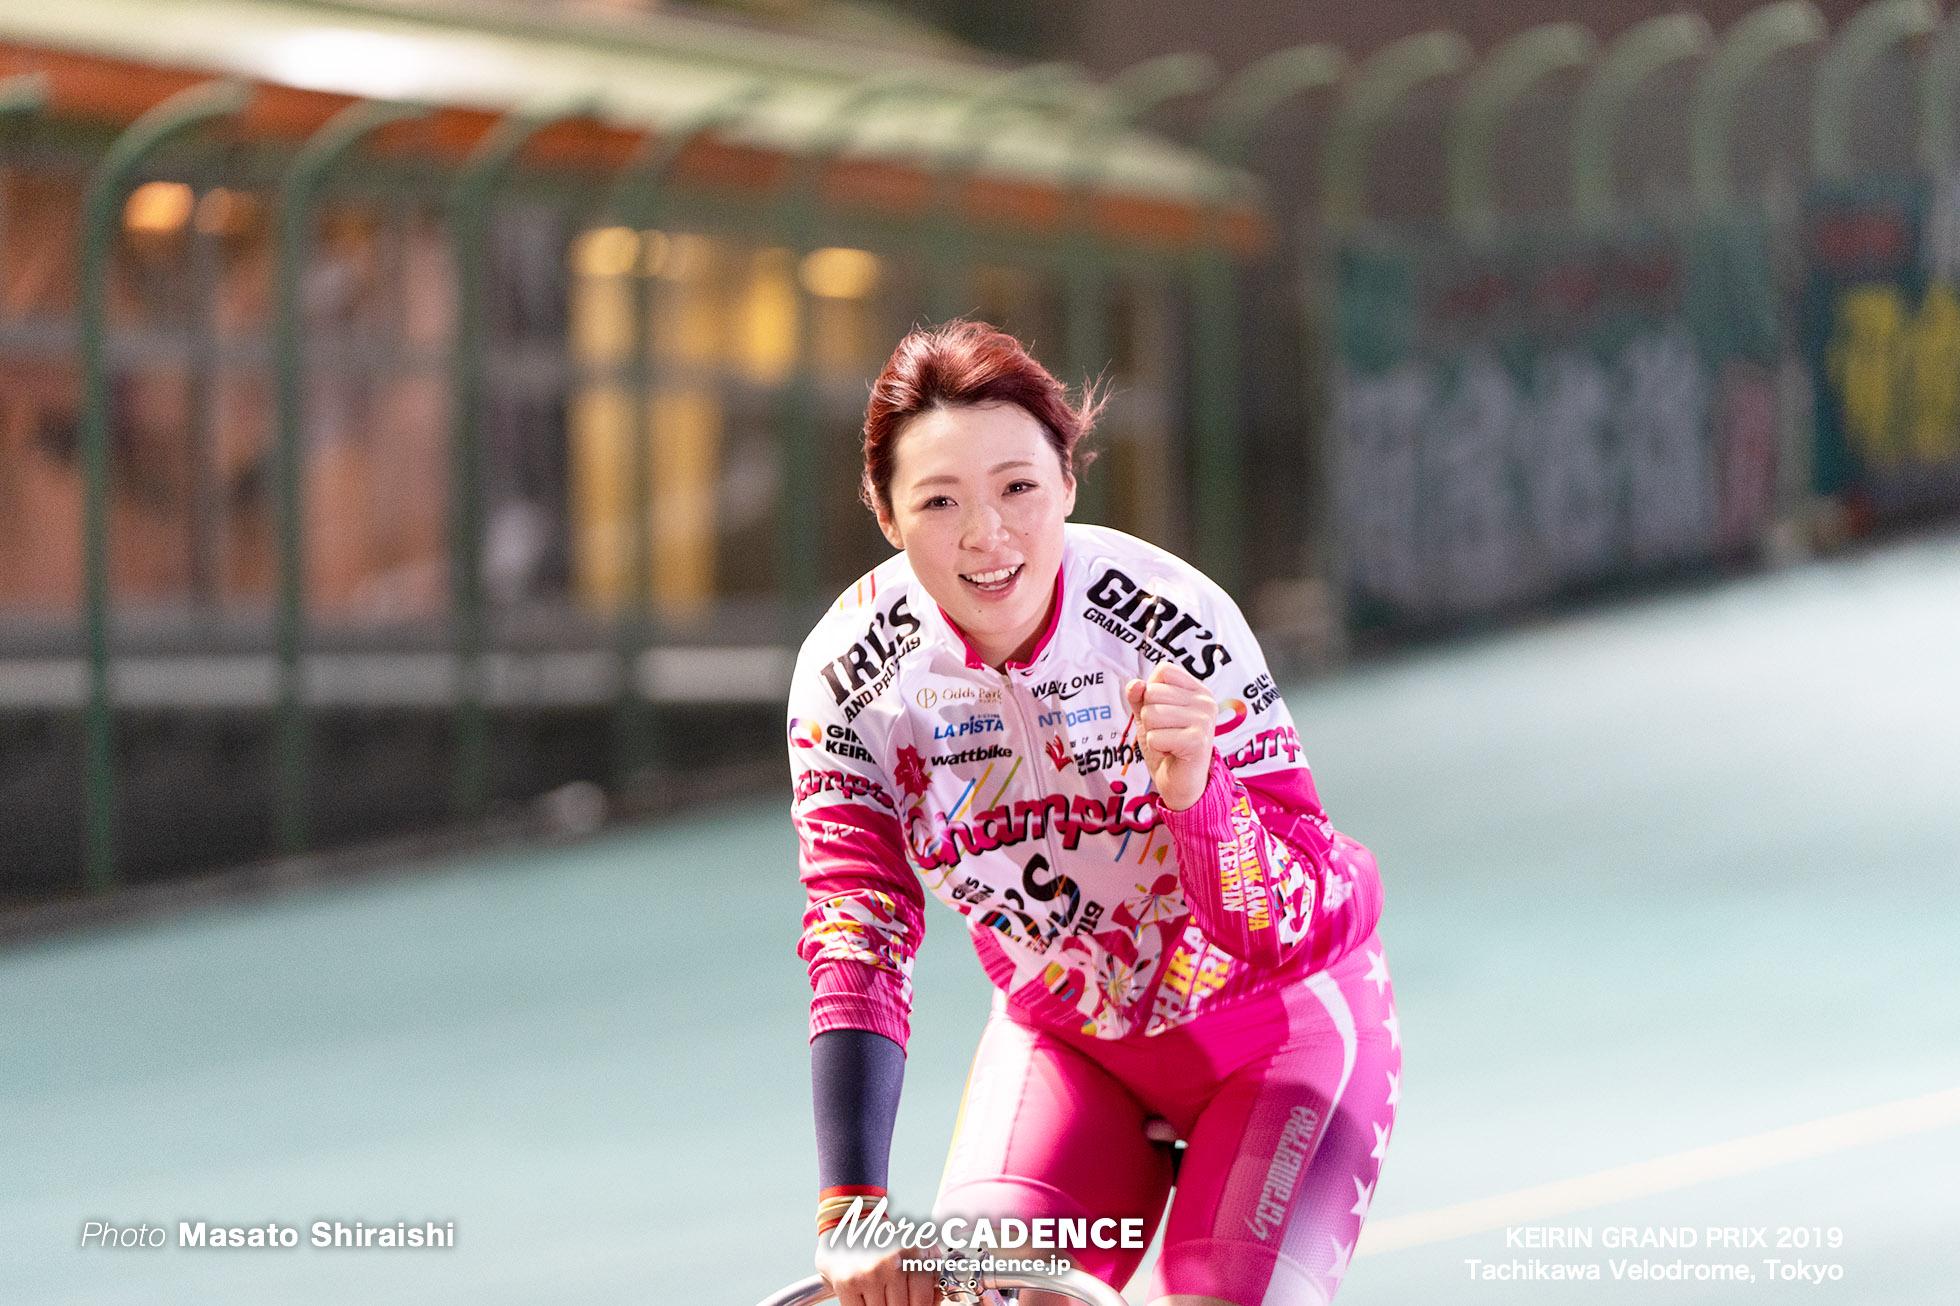 KEIRINグランプリ2019 ガールズグランプリ 児玉碧衣